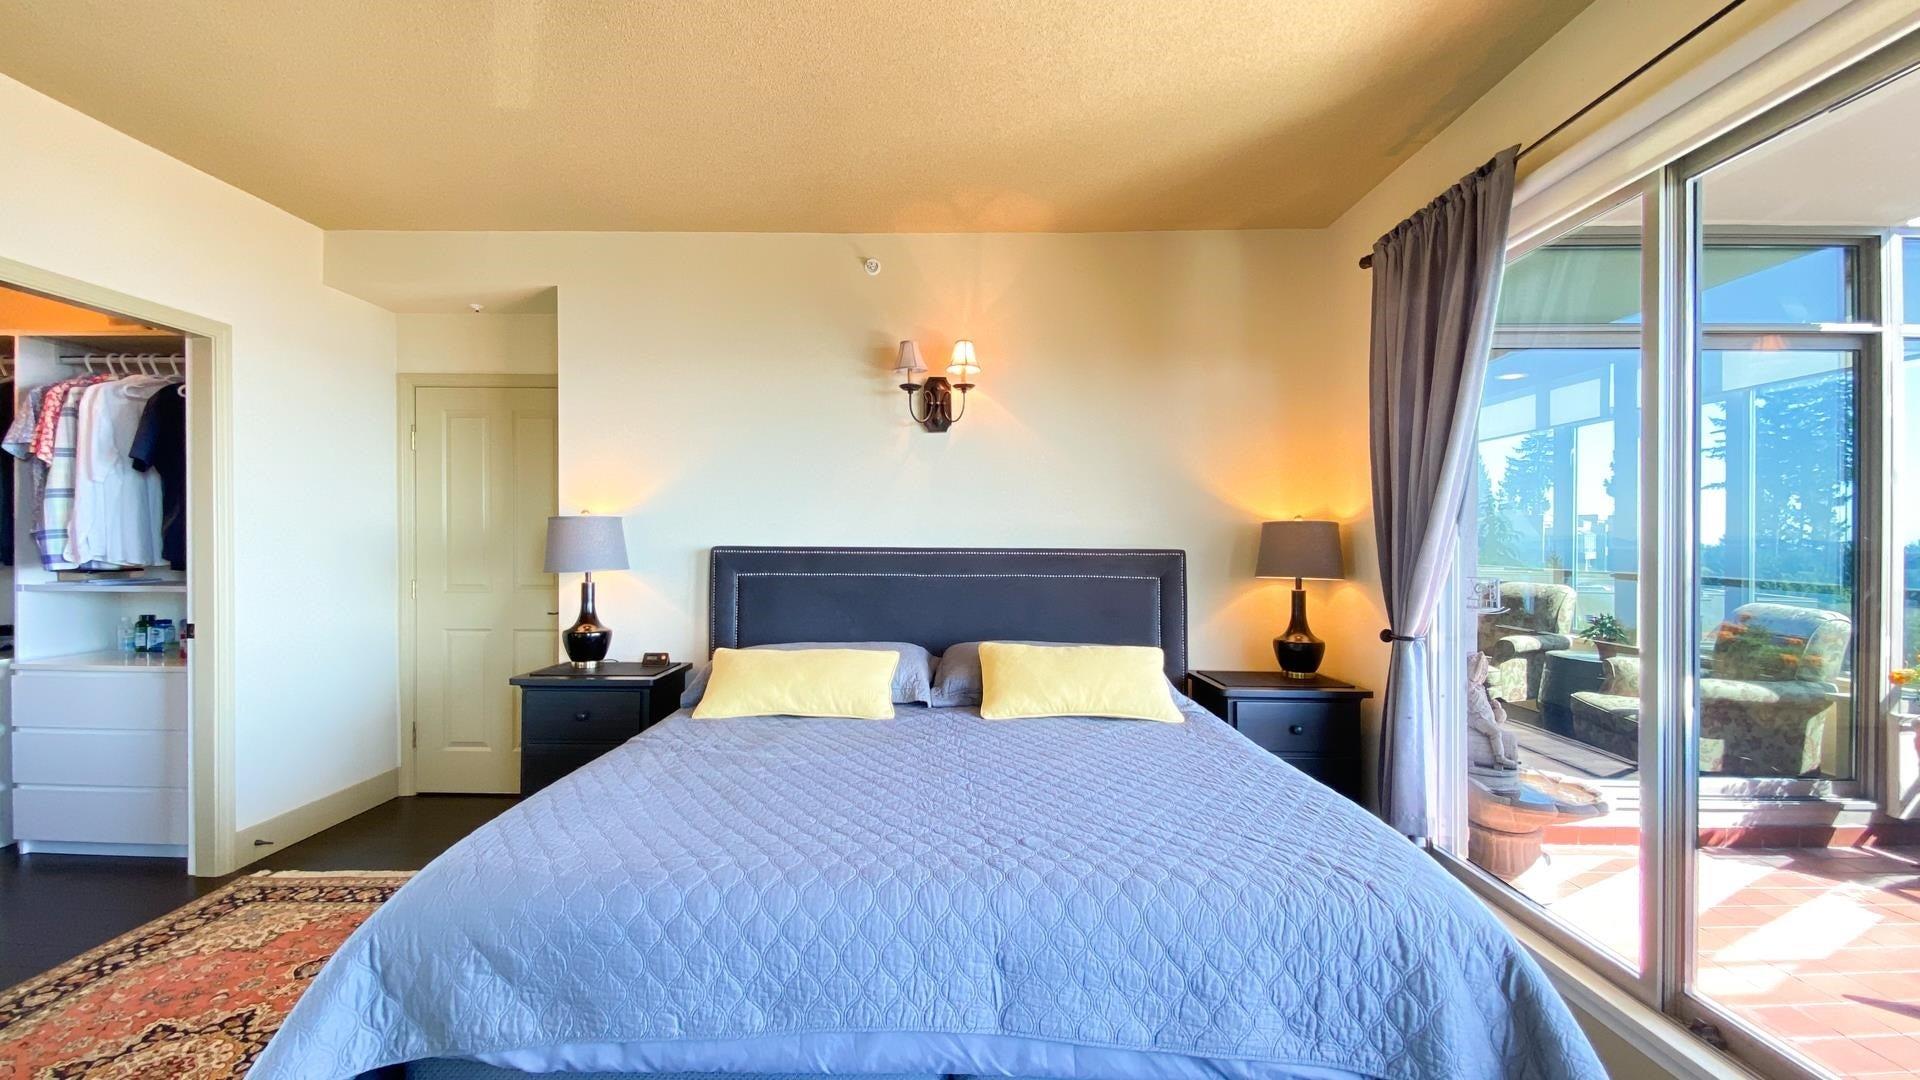 301 3131 DEER RIDGE DRIVE - Deer Ridge WV Apartment/Condo for sale, 2 Bedrooms (R2615692) - #17